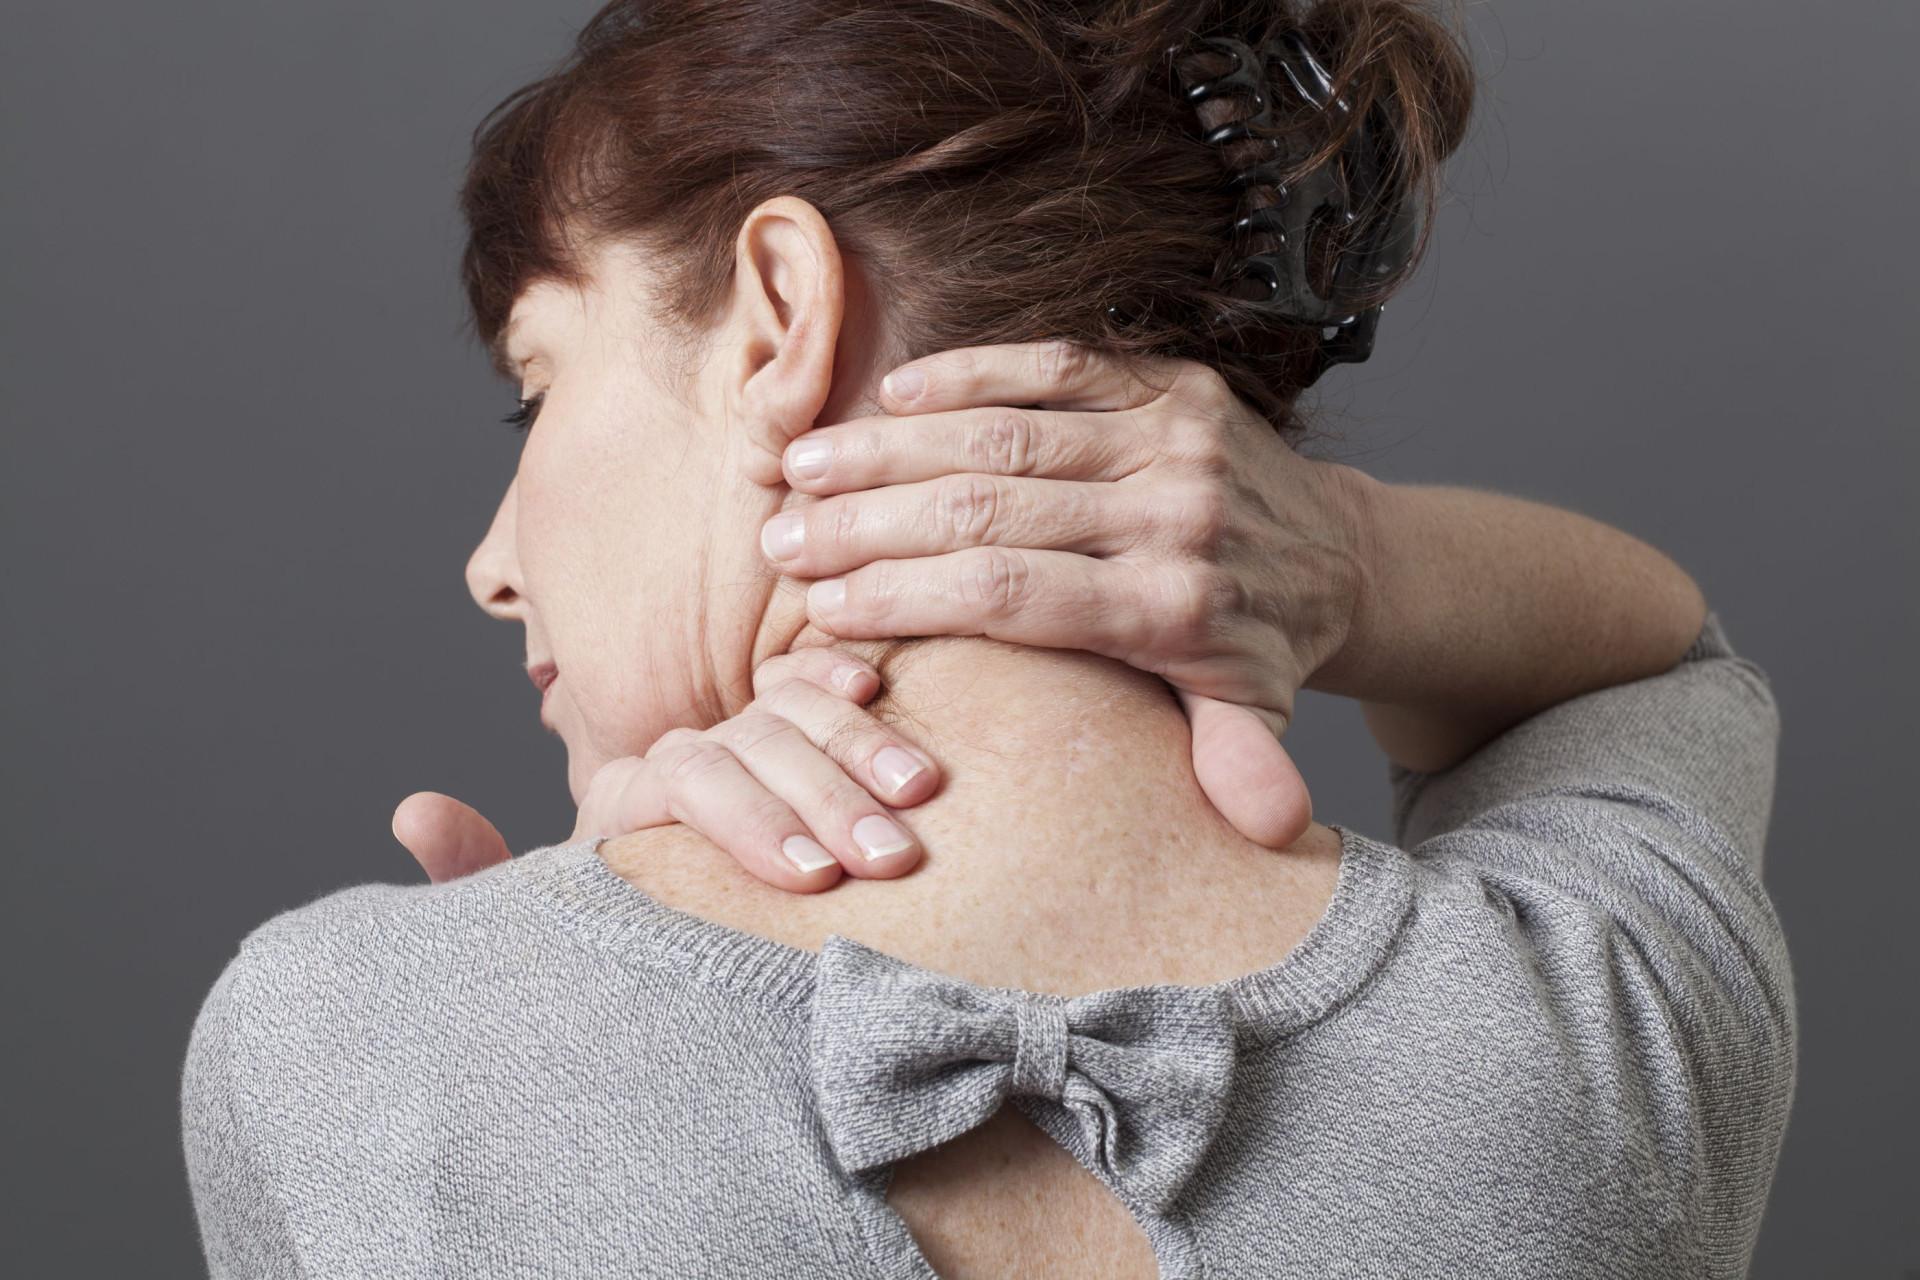 Artrite: saiba o que é e conheça sintomas que não devem ser ignorados